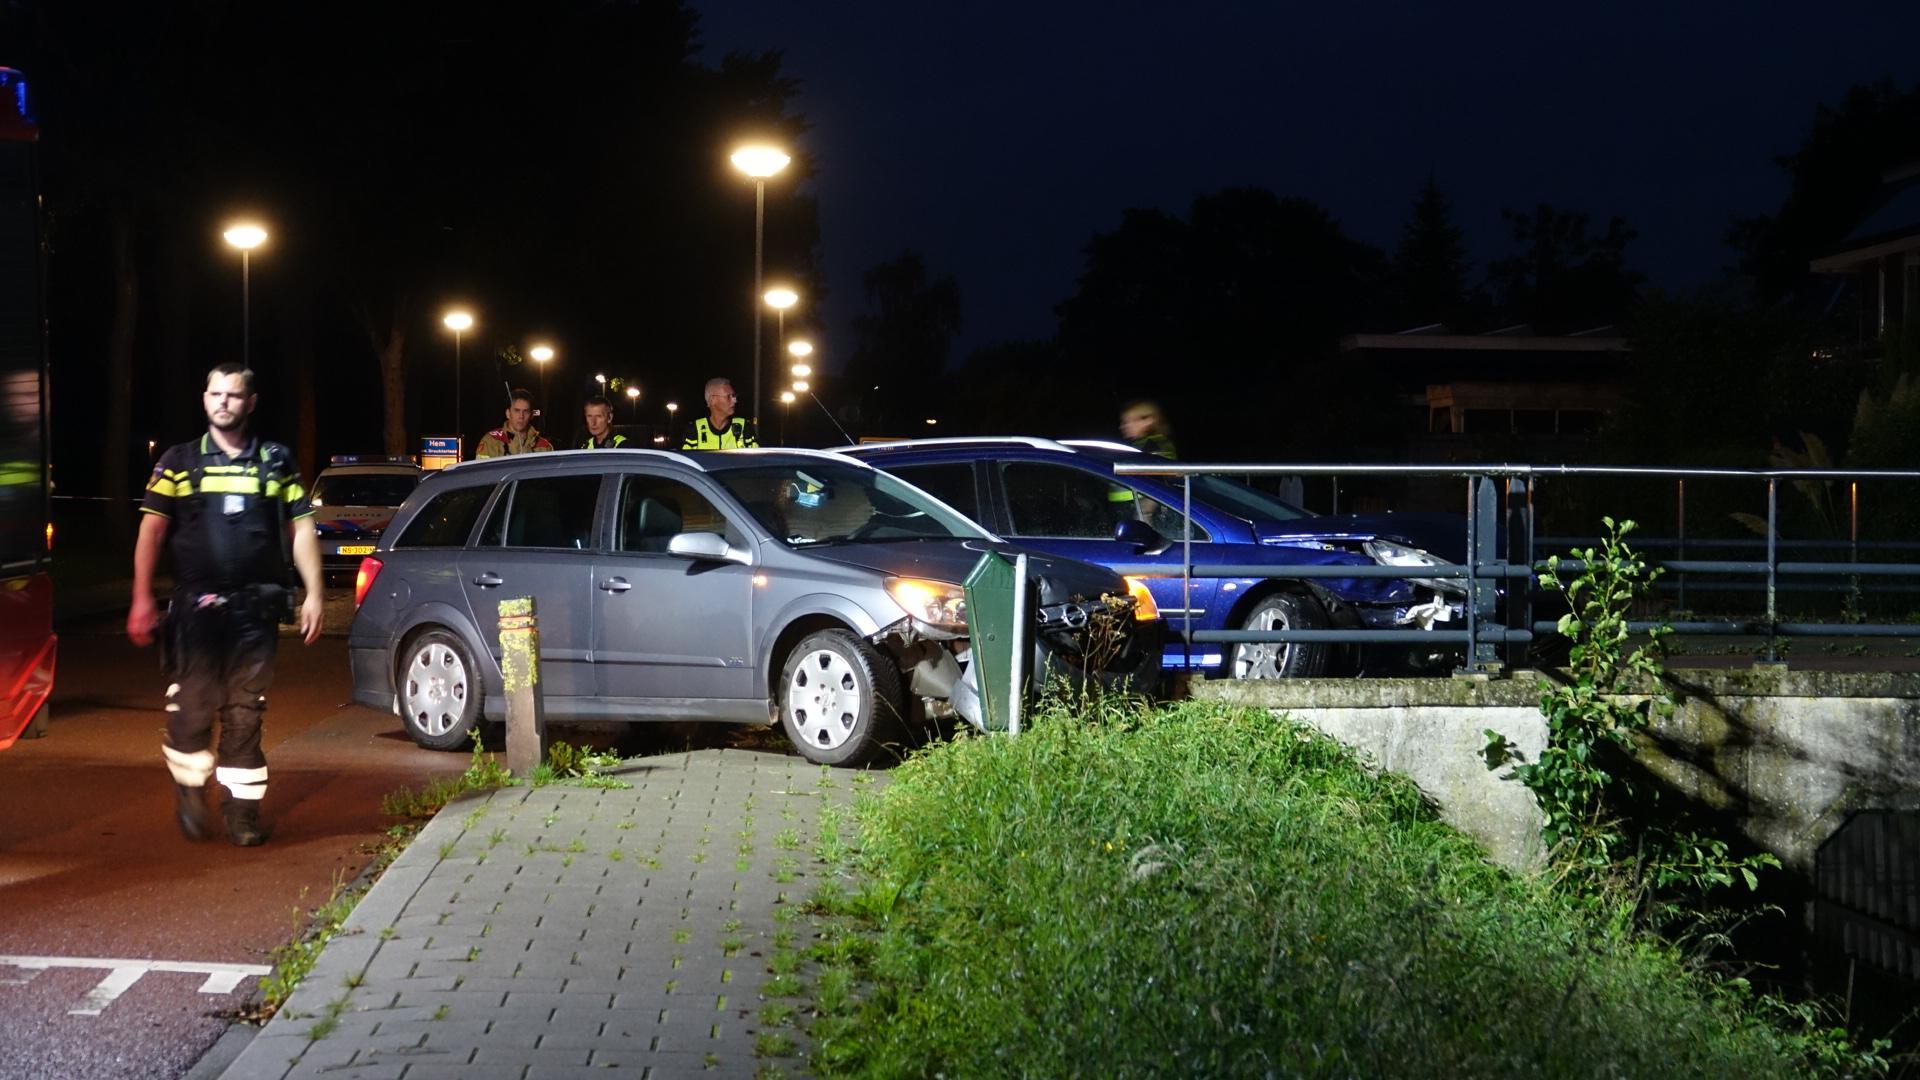 Automobilist naar het ziekenhuis na aanrijding in Venhuizen